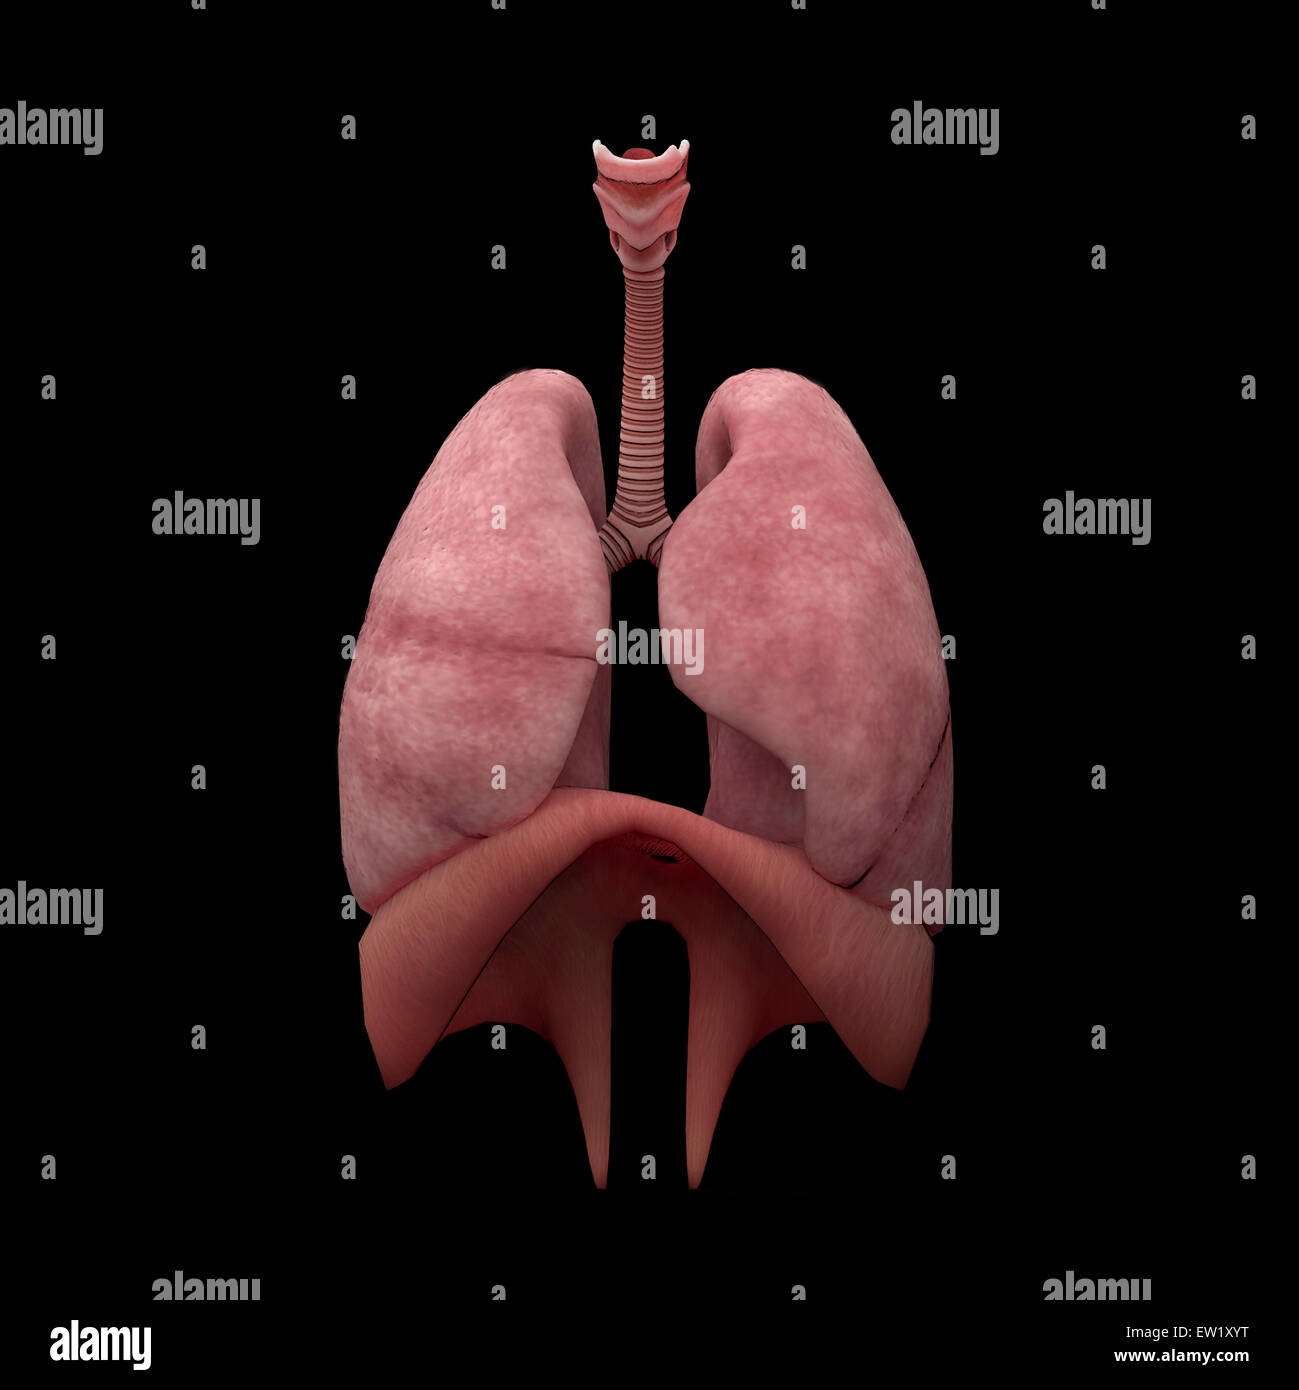 3D Darstellung der menschlichen Lunge Stockfoto, Bild: 84250988 - Alamy